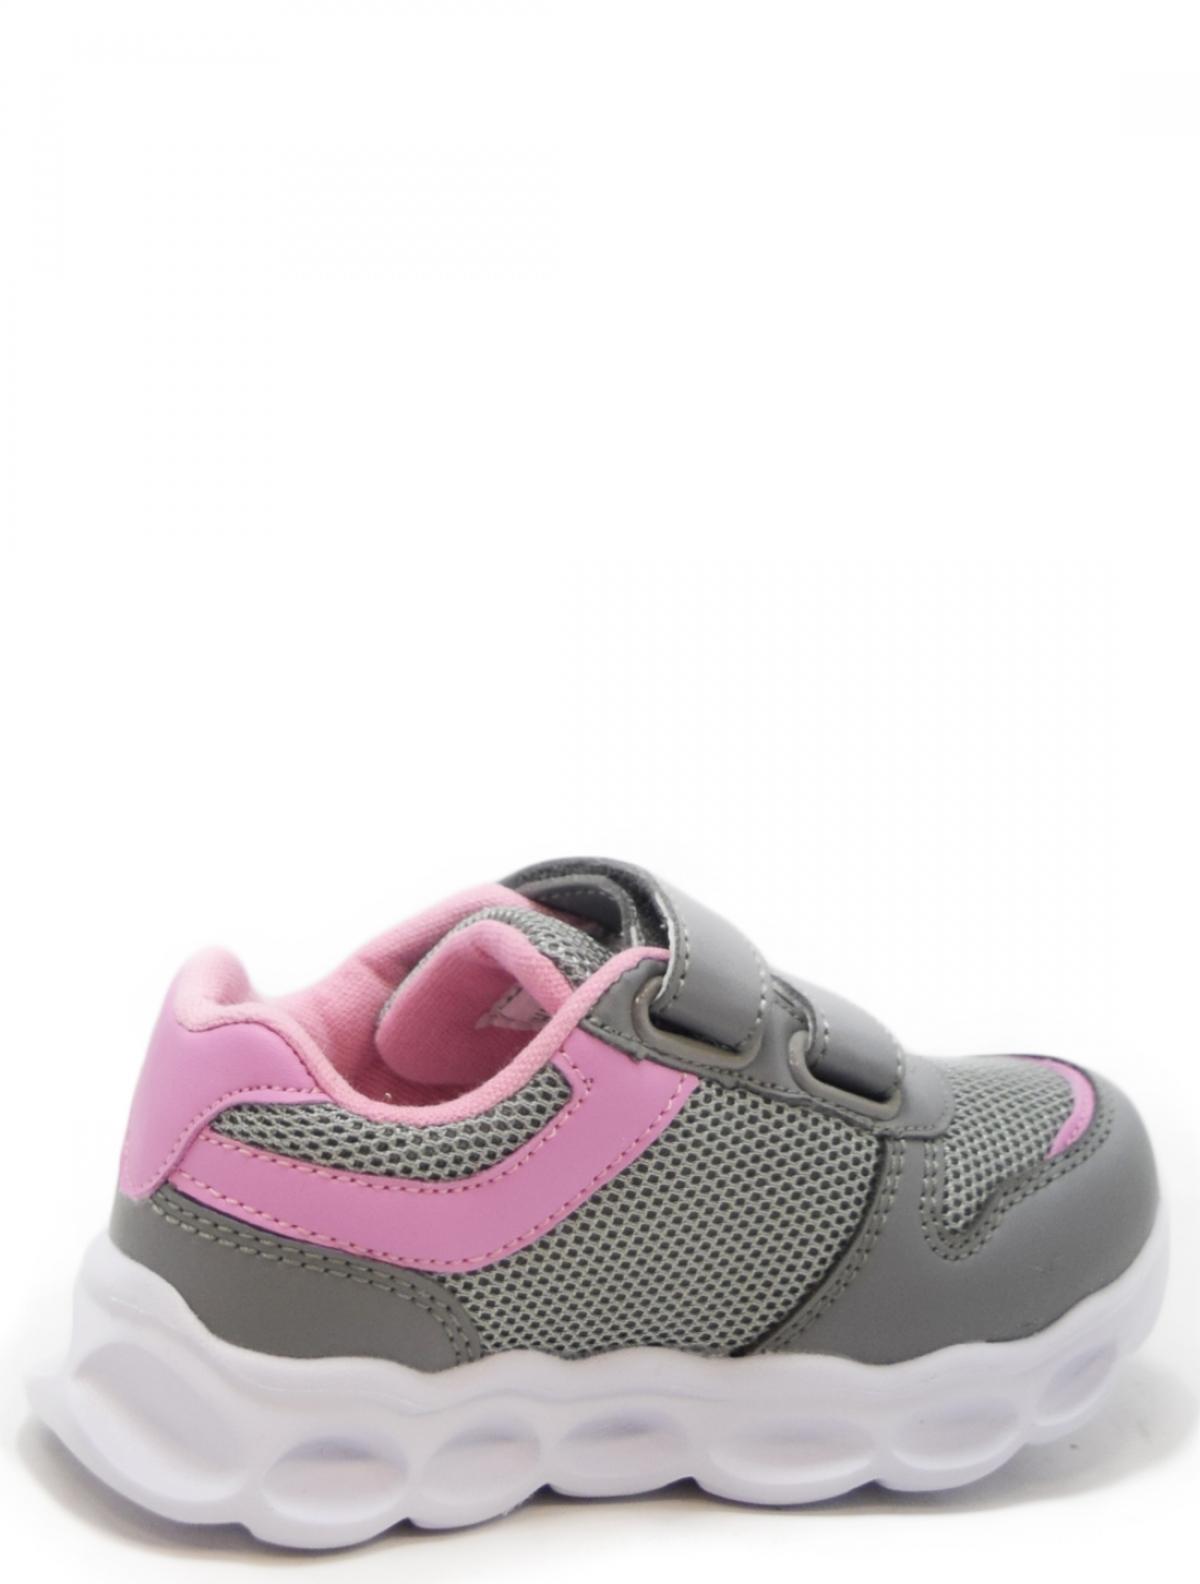 Kenka IHA-17-201-20 детские кроссовки